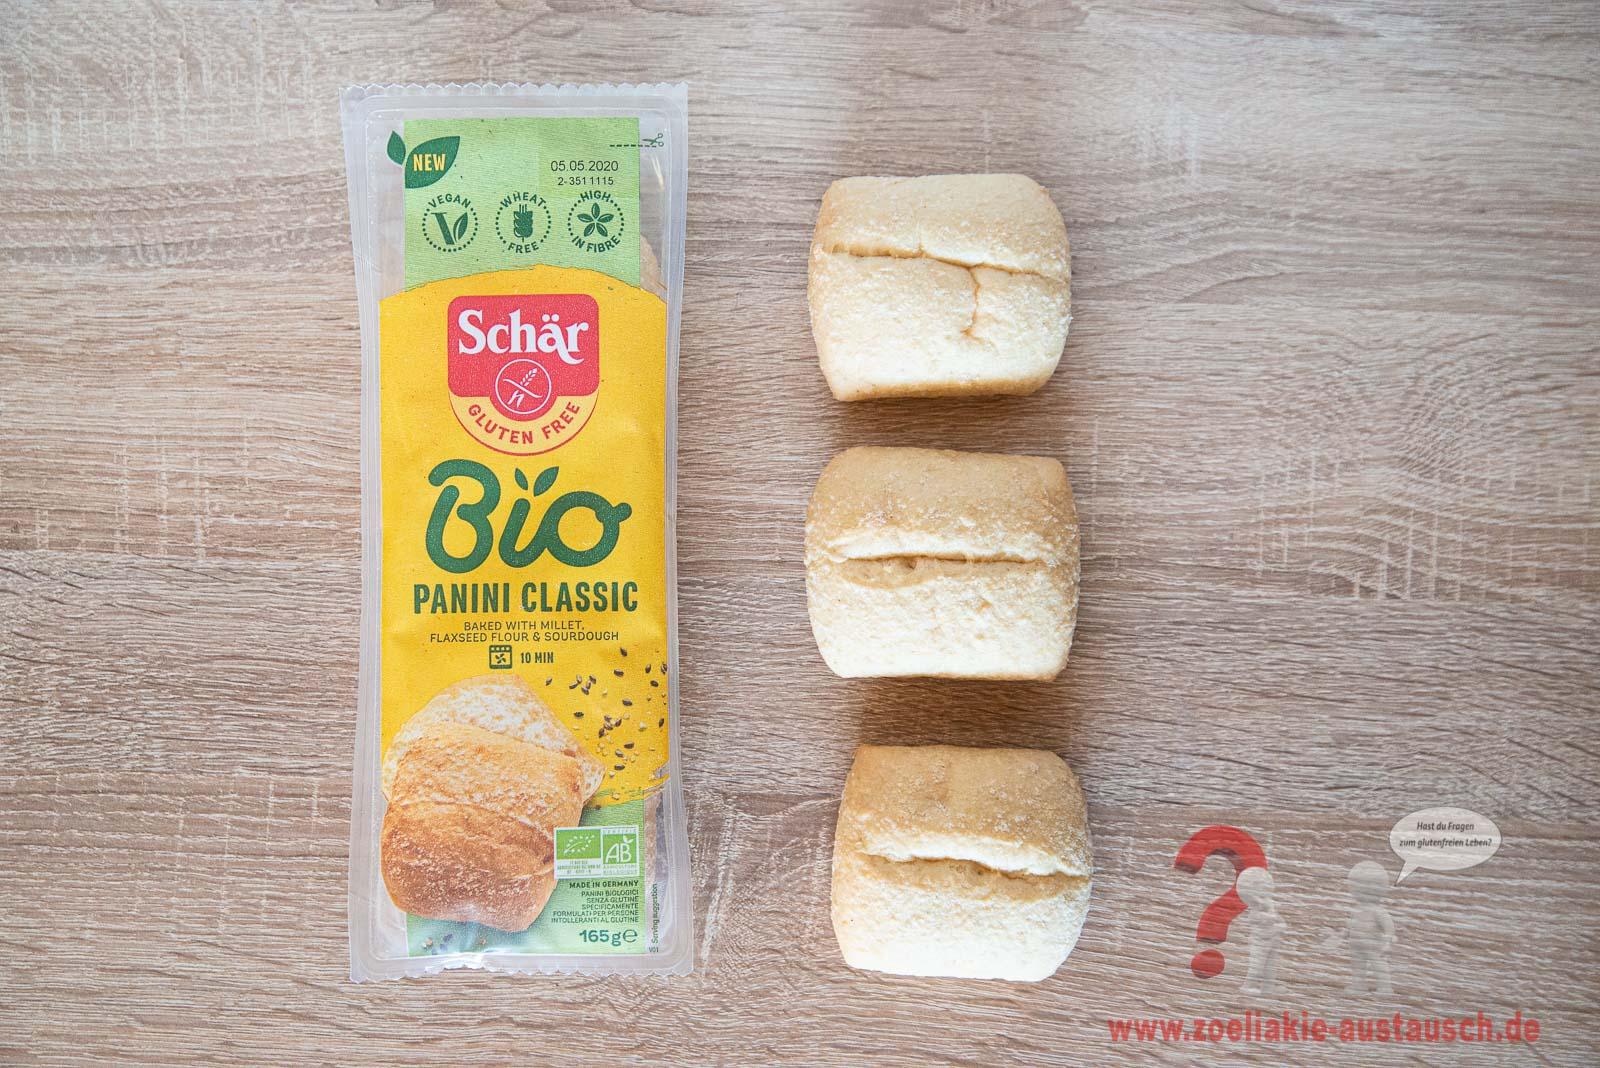 Zoeliakie_Austausch_Schaer_glutenfrei_Bio-036